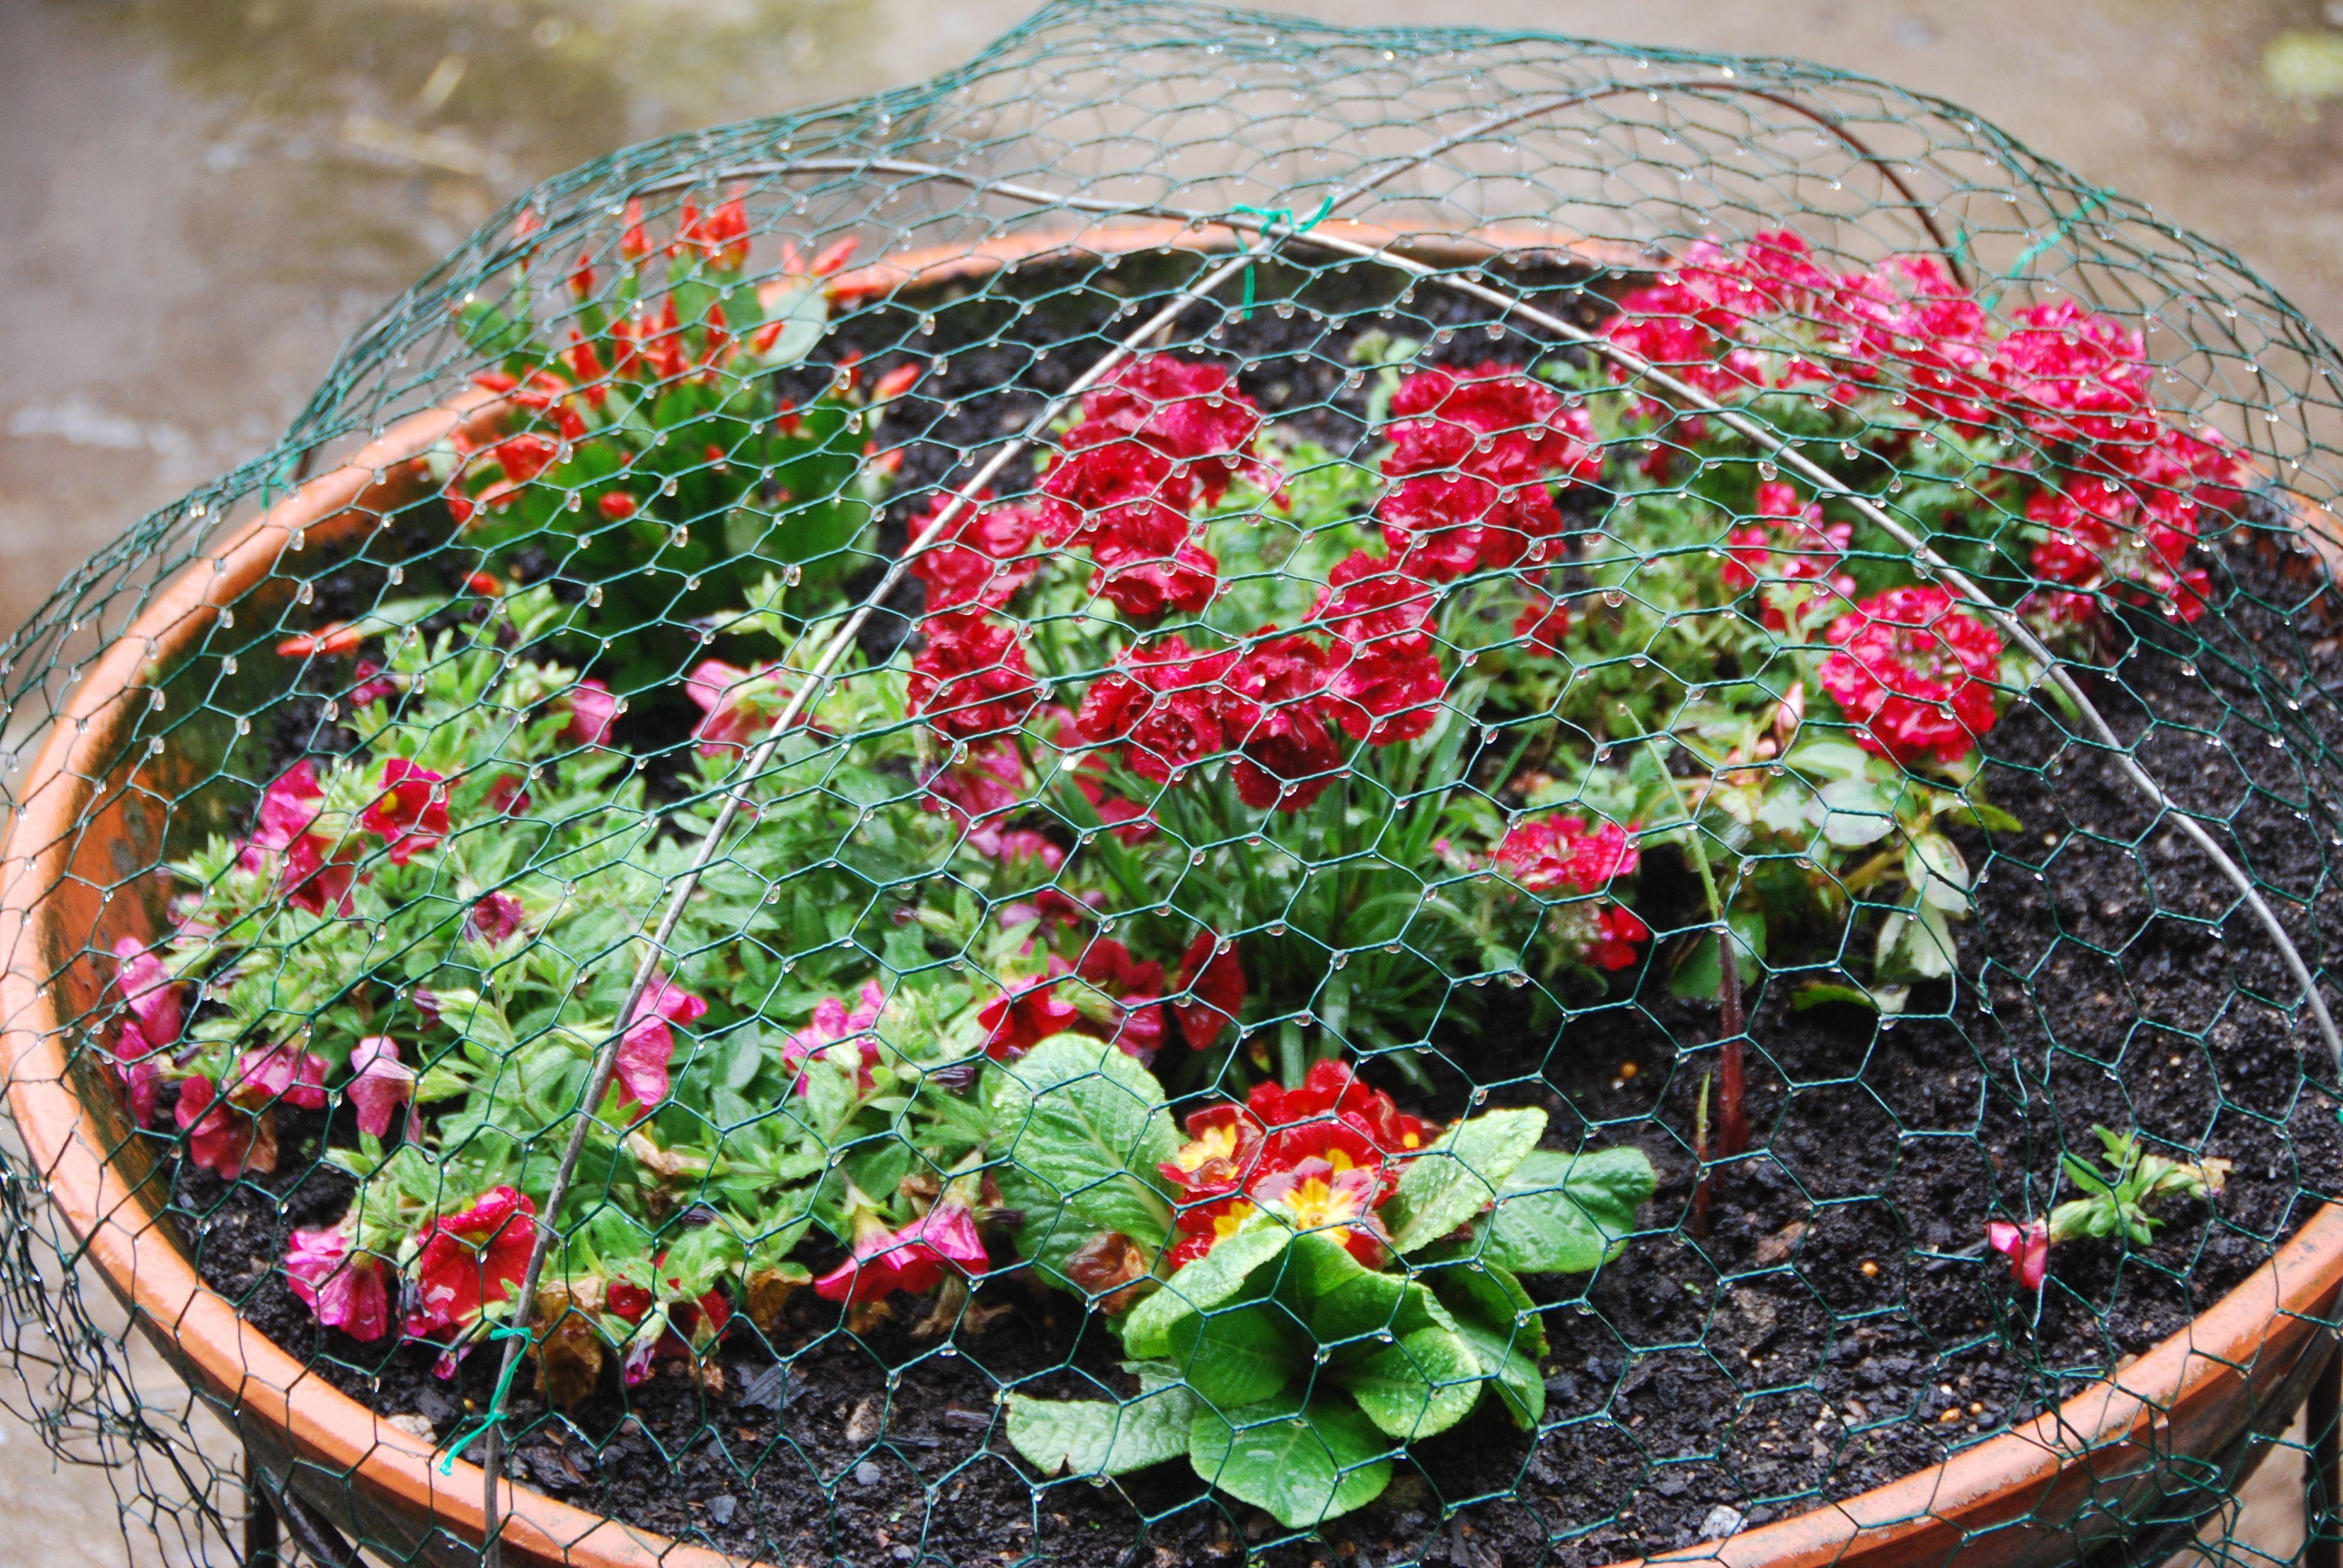 Vaso de terracota com flores vermelhas. Tive que fazer uma cobertura em rede para as proteger dos patos.